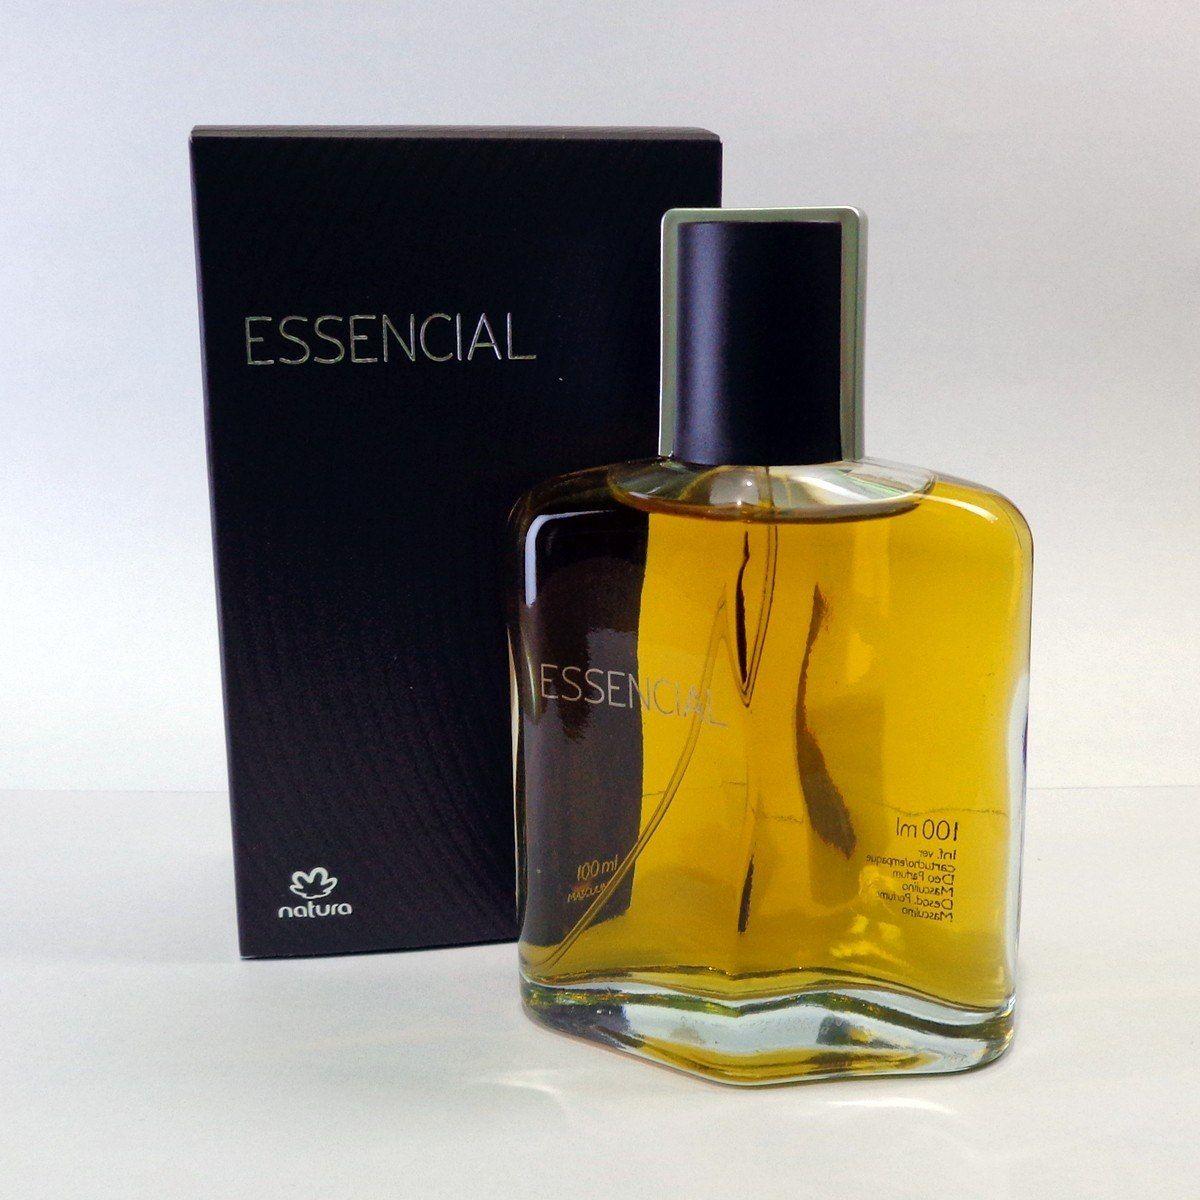 Essencial é ser você e deixar sua personalidade por onde passar. Essa eau de parfum traz uma fragrância amadeirada com notas frescas de cedro. http://rede.natura.net/espaco/jaquebaptista/deo-parfum-essencial-masculino-100ml-41806